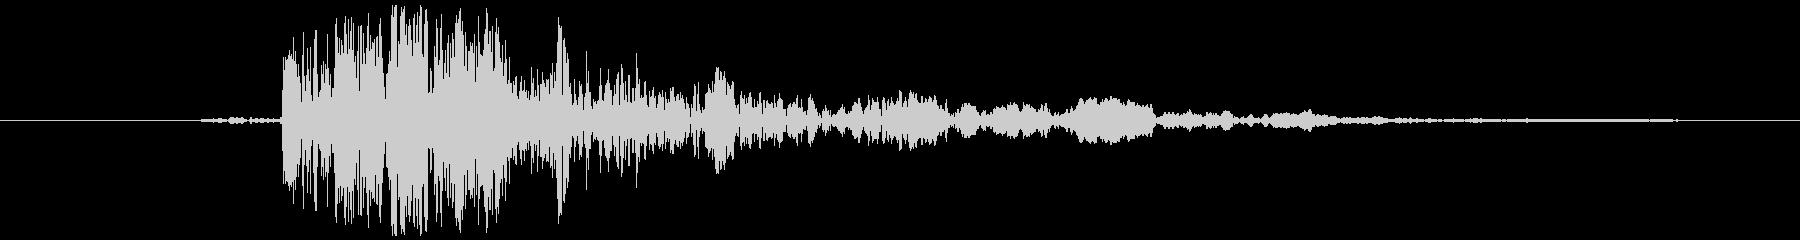 電気ポット フタの開閉音(コッ+ガッ)の未再生の波形